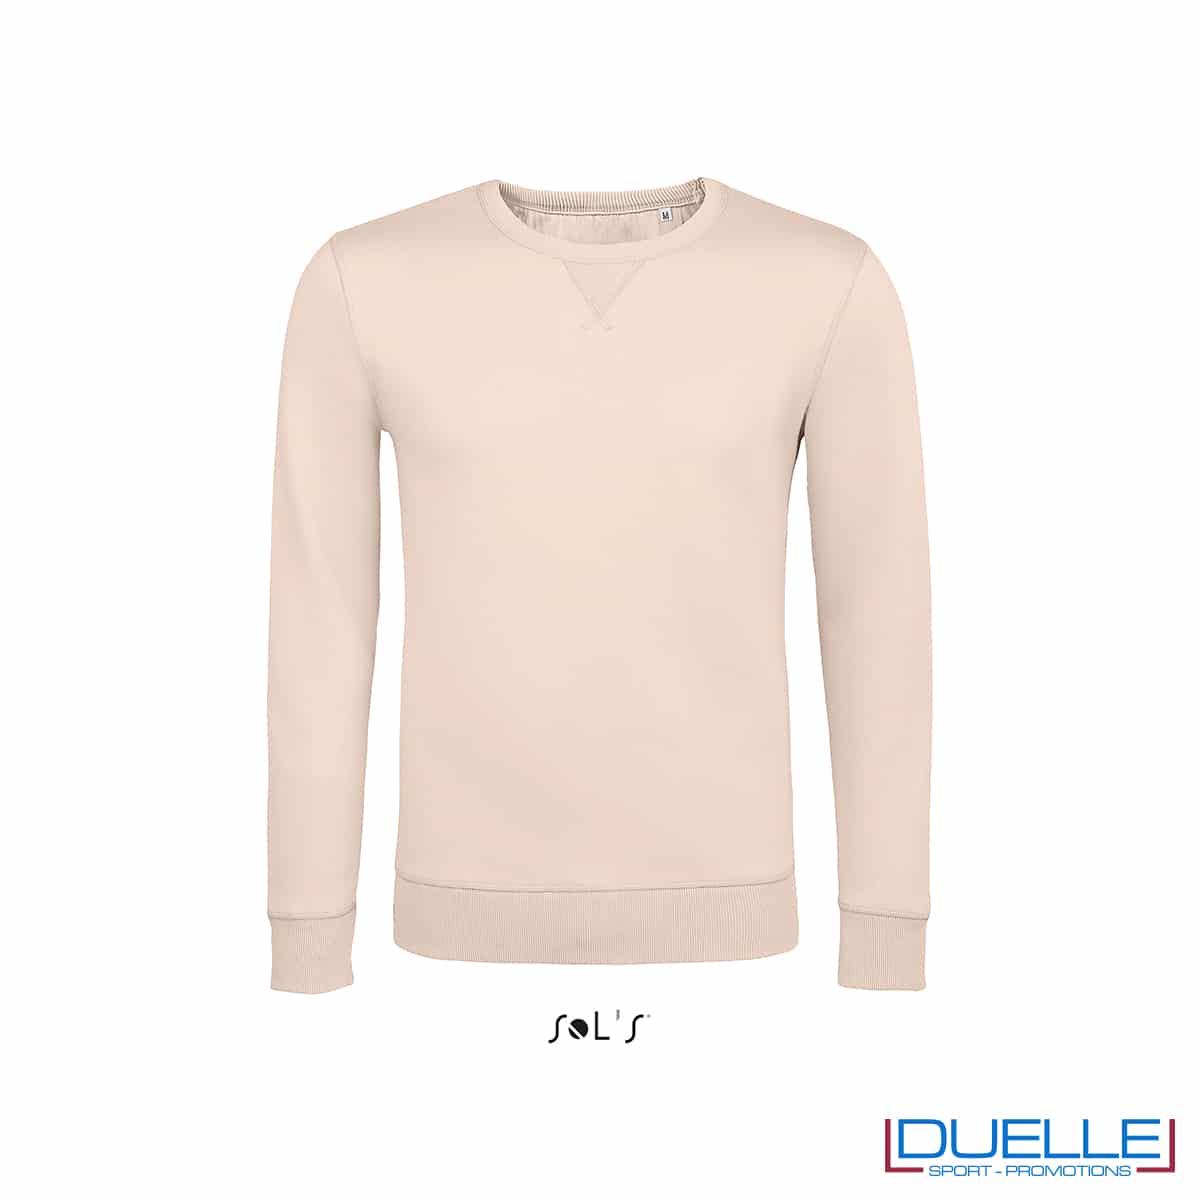 Felpa in cotone LSF colore rosa pastello